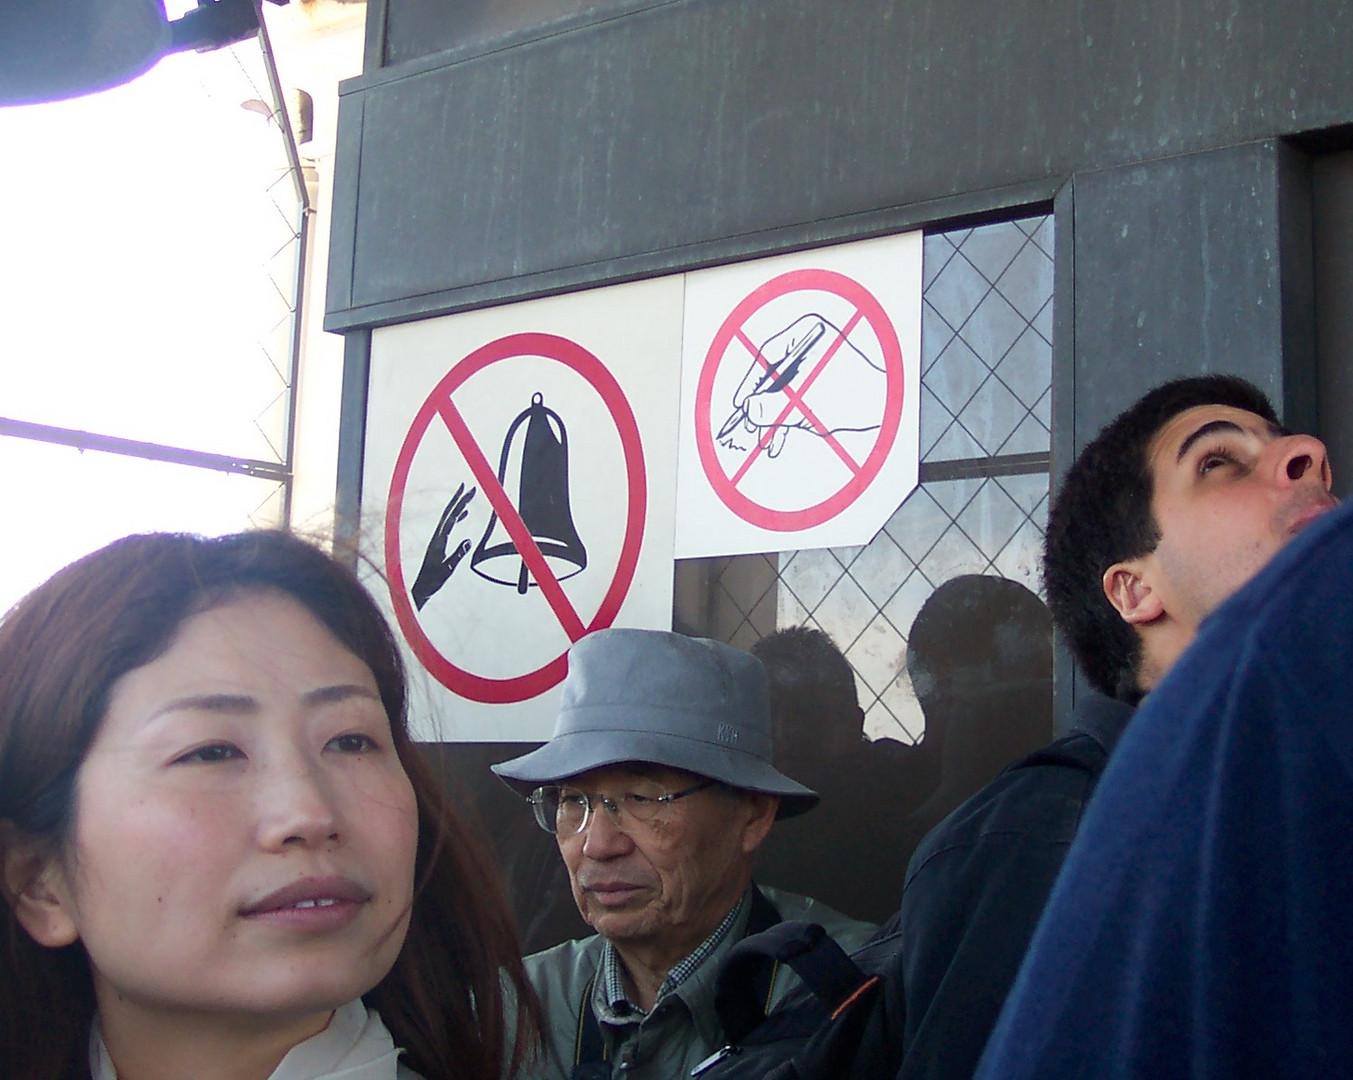 Ruhe im Touristengedrängel